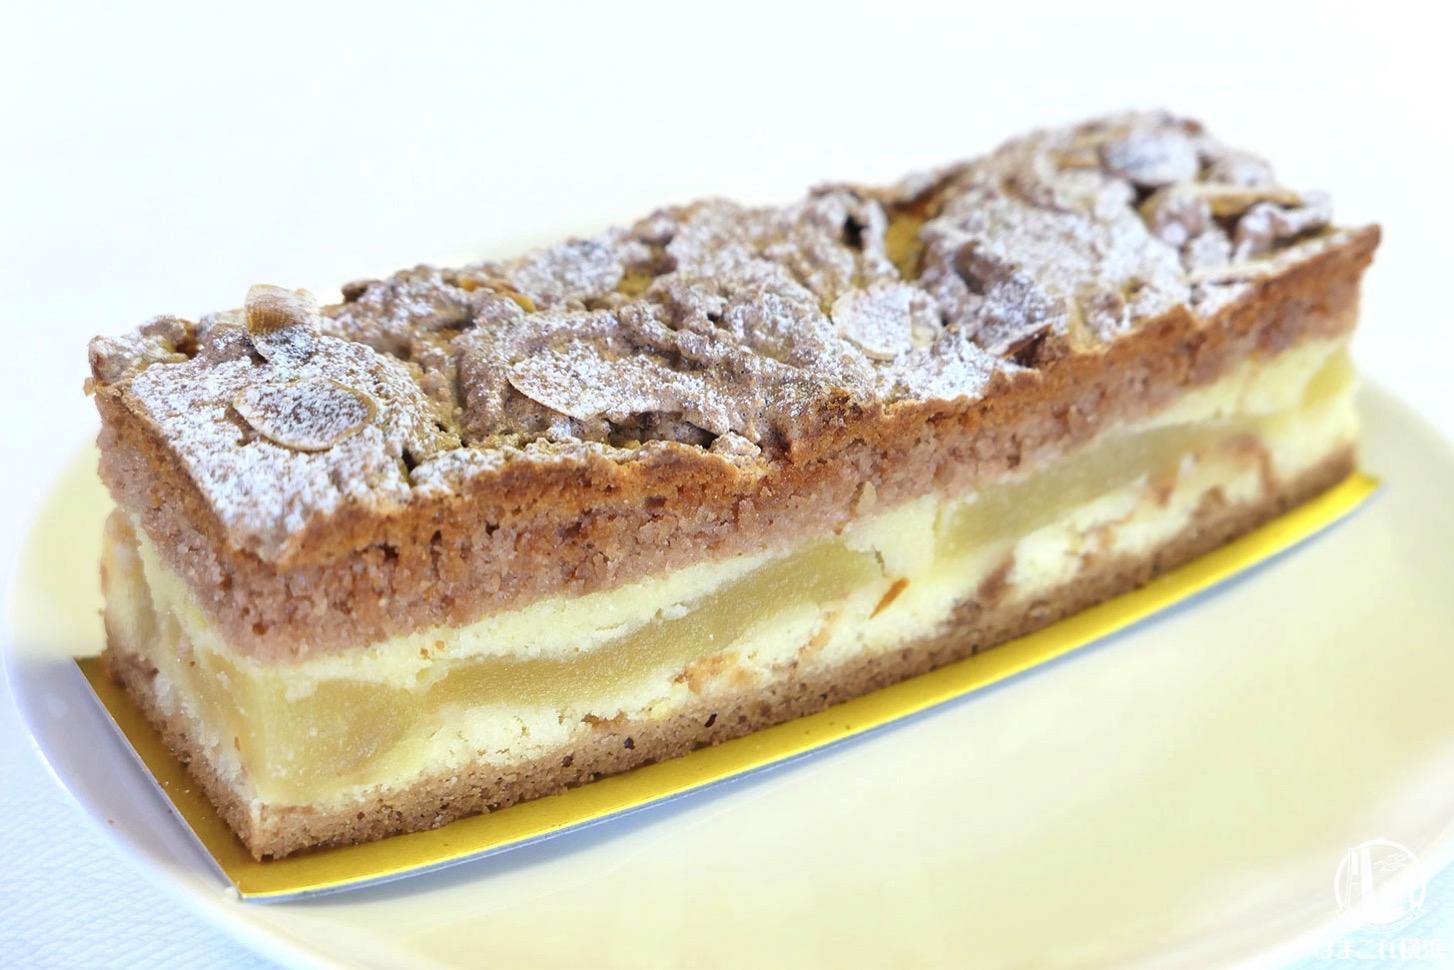 鎌倉紅谷「アップルフィーユ」は希少で絶品!リンゴ好き必食の贅沢ケーキ